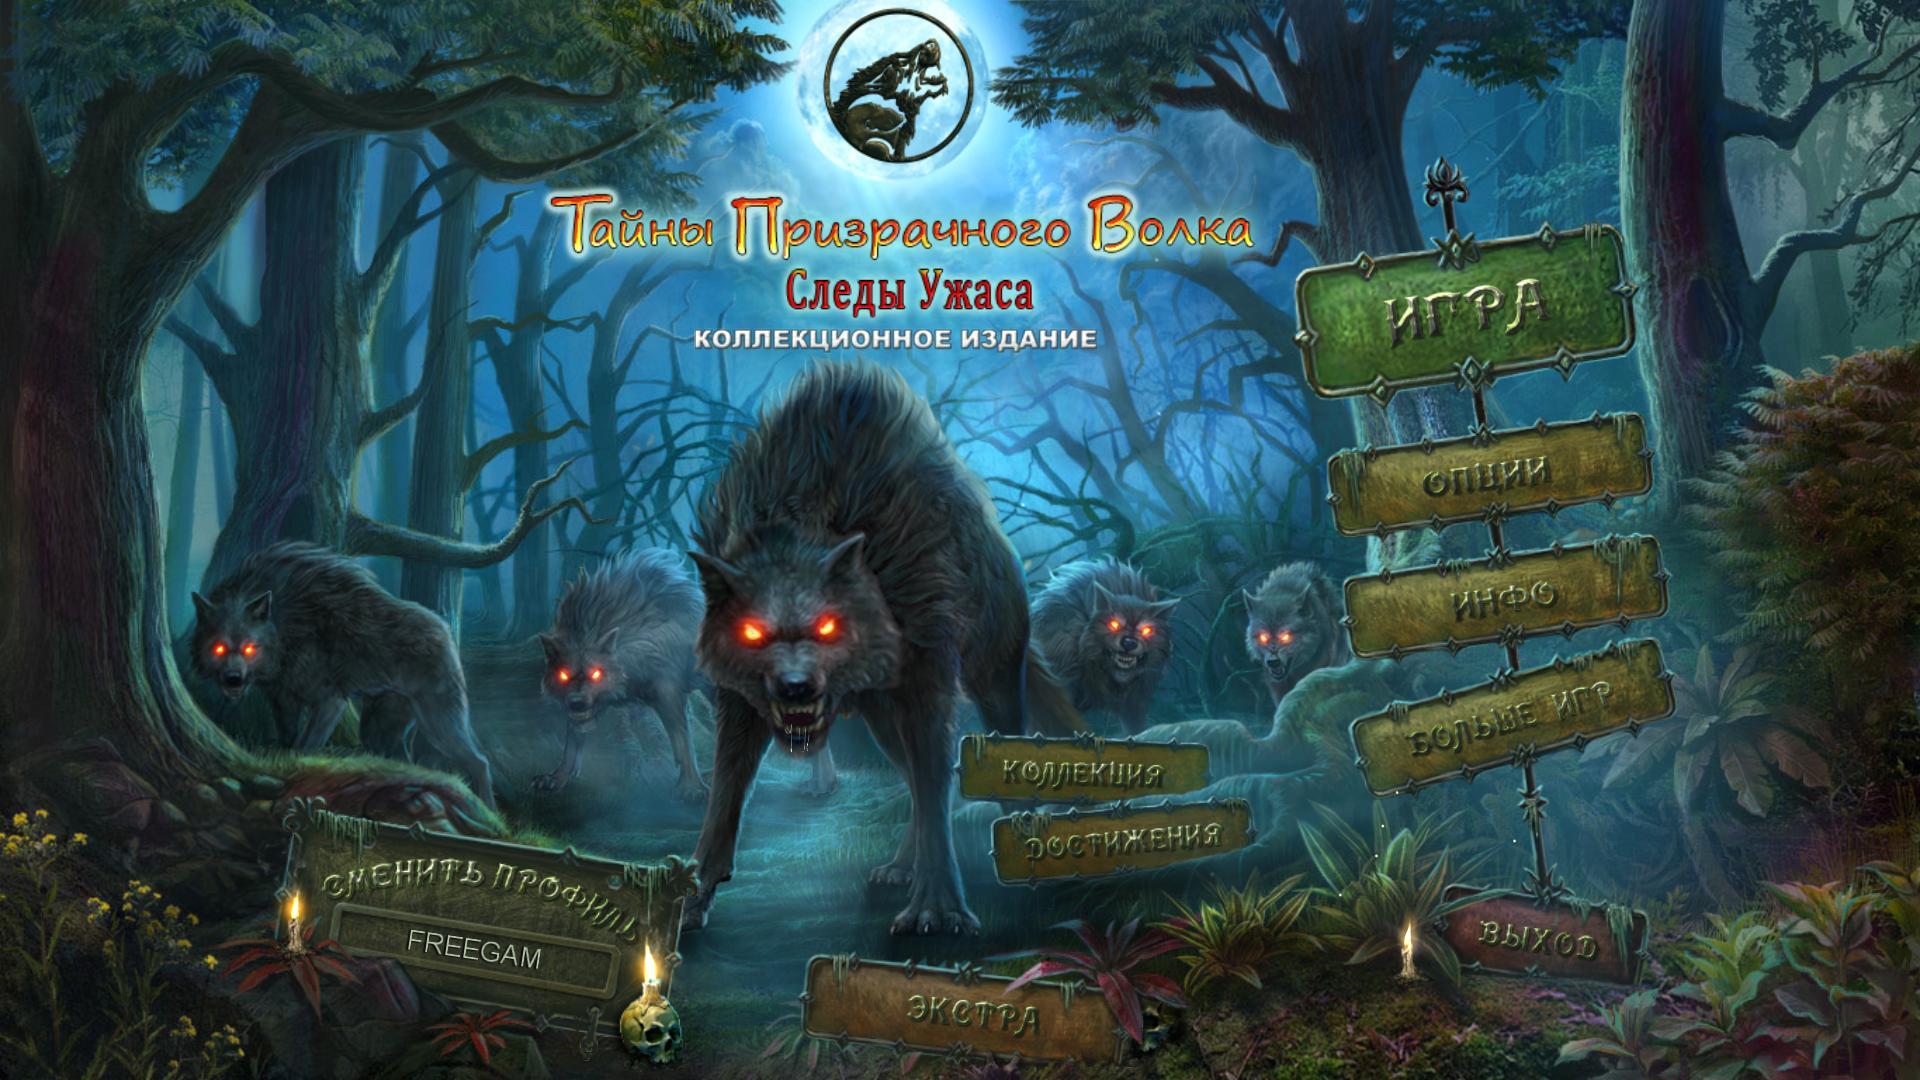 Тайны Призрачного Волка 5. Следы Ужаса. Коллекционное издание | Shadow Wolf Mysteries 5: Tracks of Terror CE (Rus)